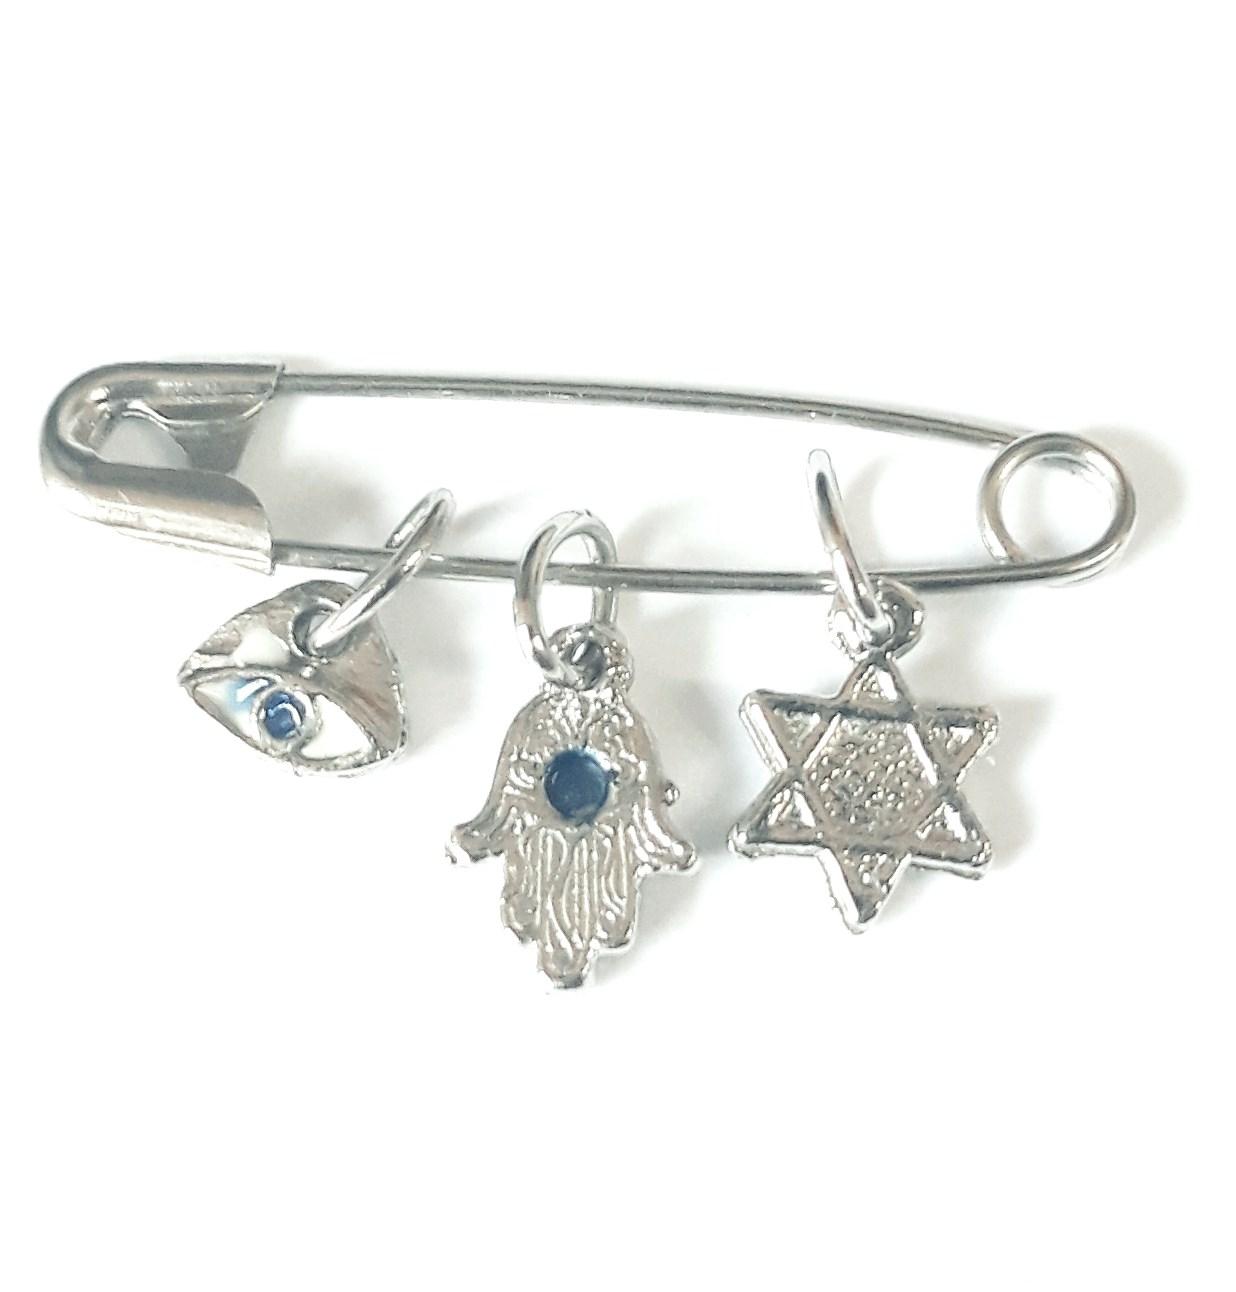 Alfinete com 3 símbolos Judaicos - Prateado